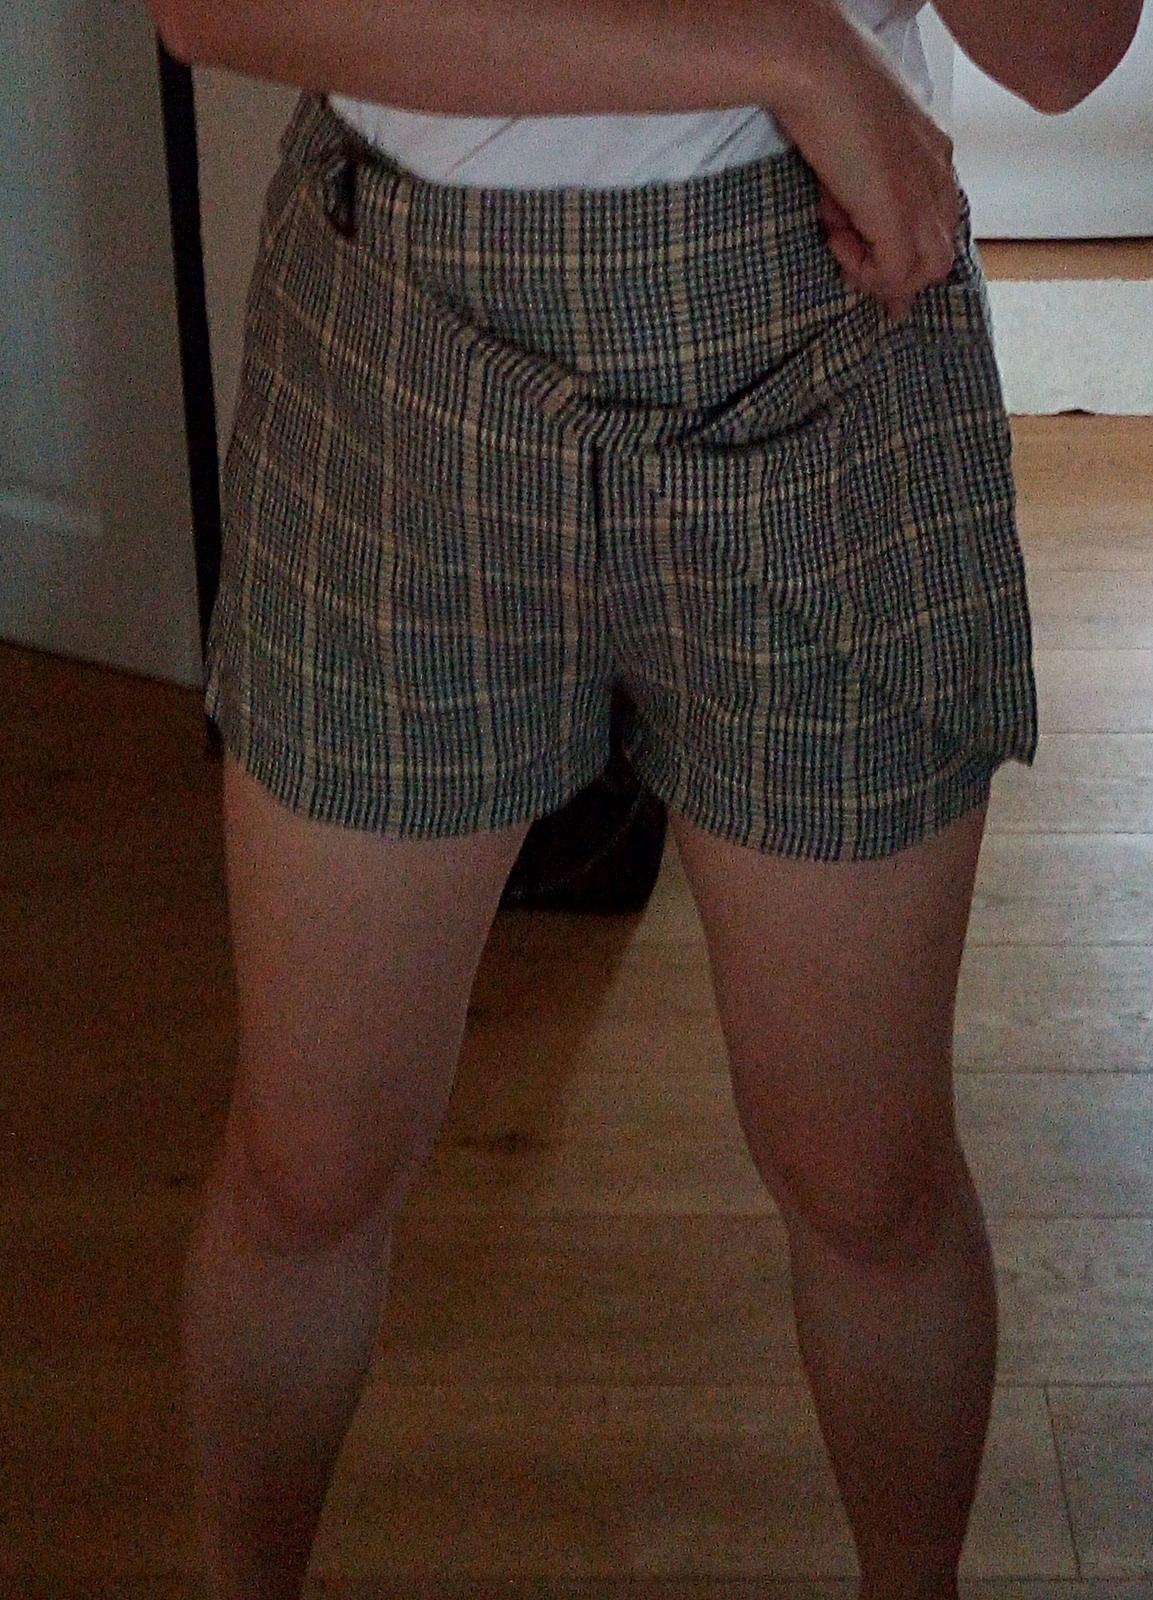 Kárované sukňošortky Terranova S - Obrázok č. 2